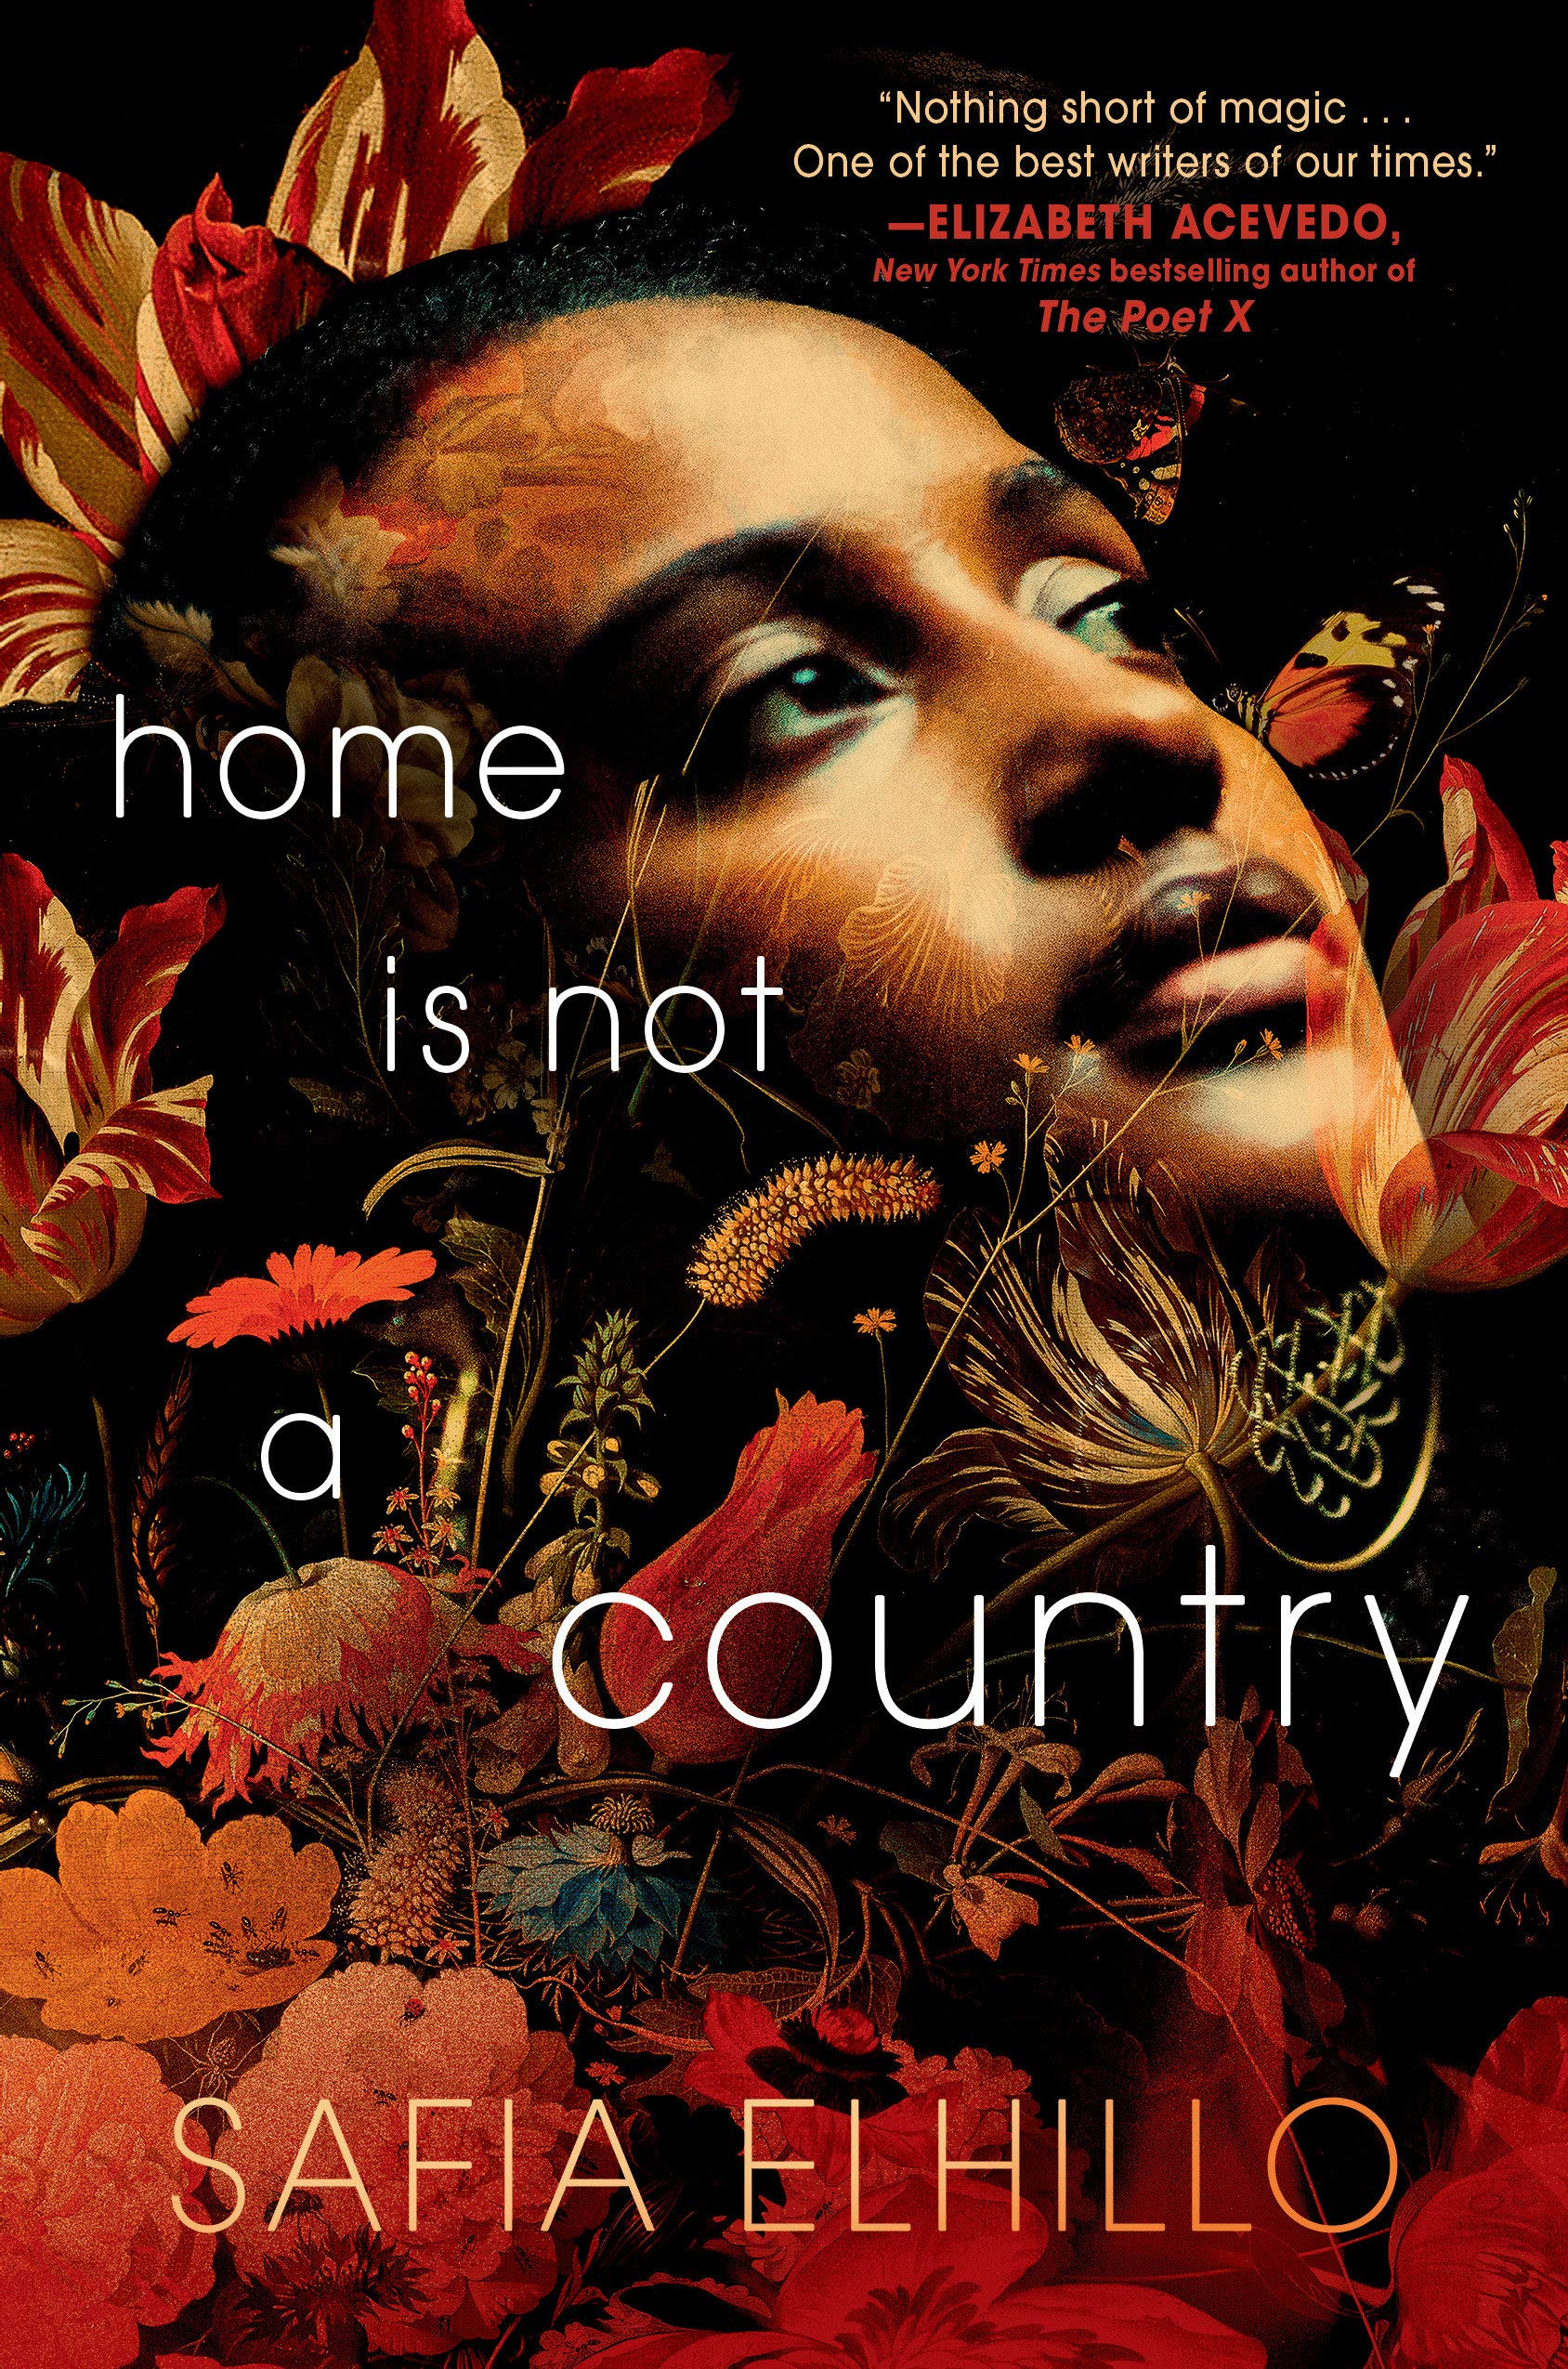 Amazon.com: Home Is Not a Country (9780593177051): Elhillo, Safia: Books